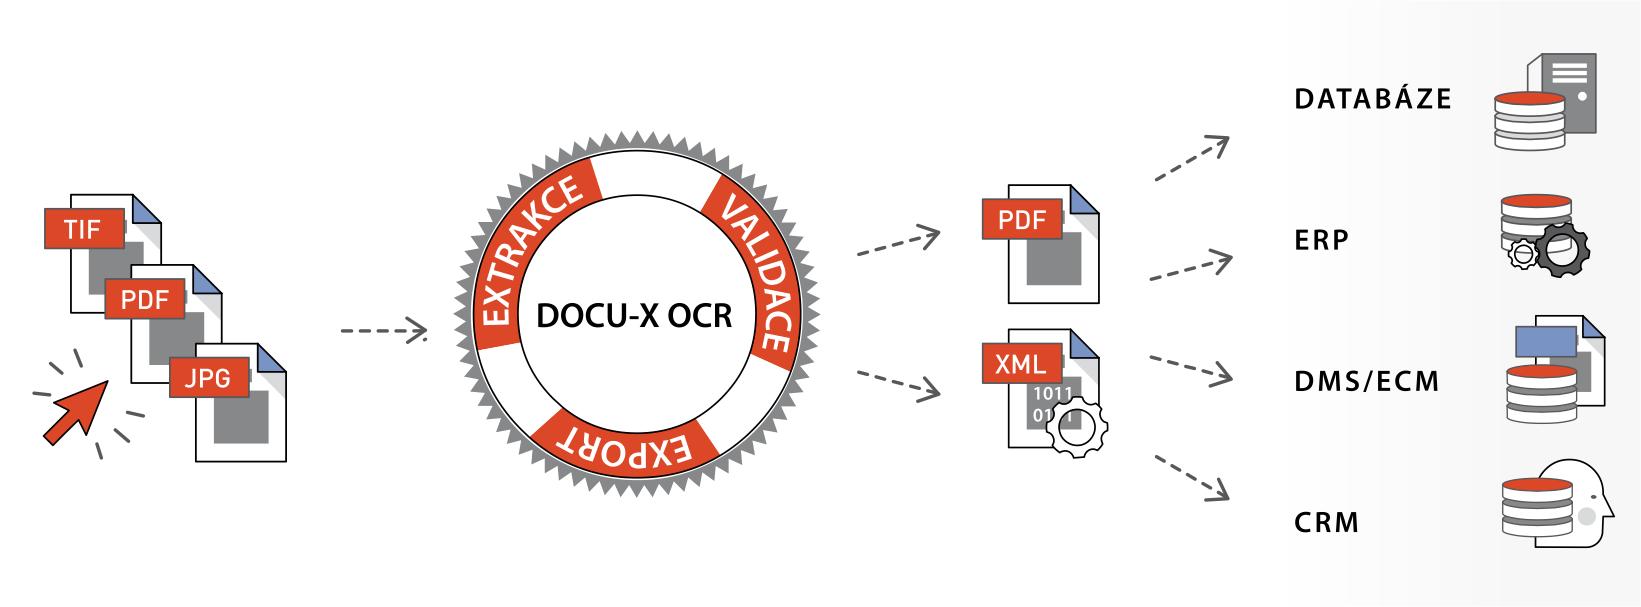 DOCU-X OCR_vytěžování faktur